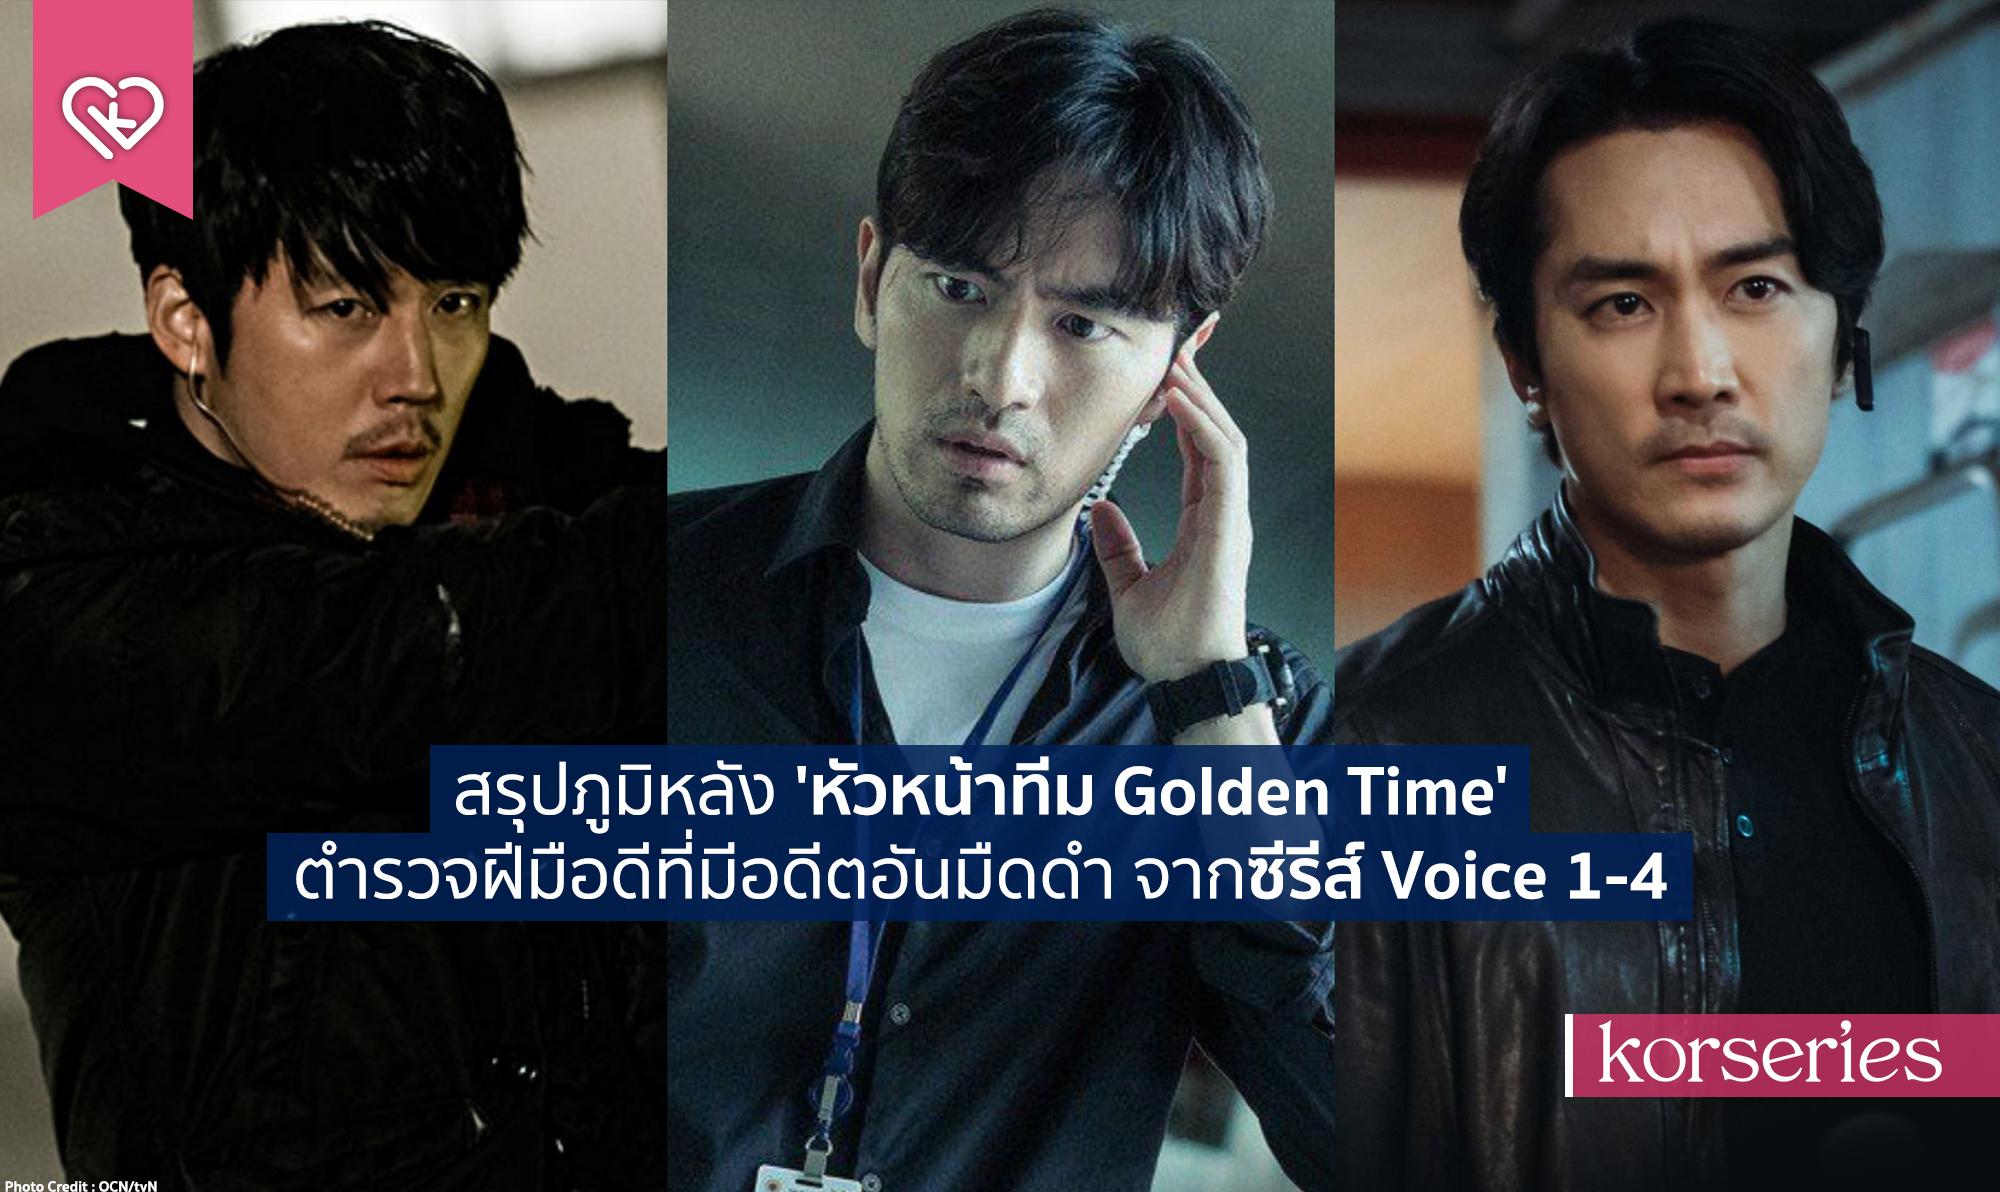 สรุปภูมิหลัง 'หัวหน้าทีม Golden Time' ตำรวจฝีมือดีที่มีอดีตอันมืดดำ จากซีรีส์ Voice 1-4